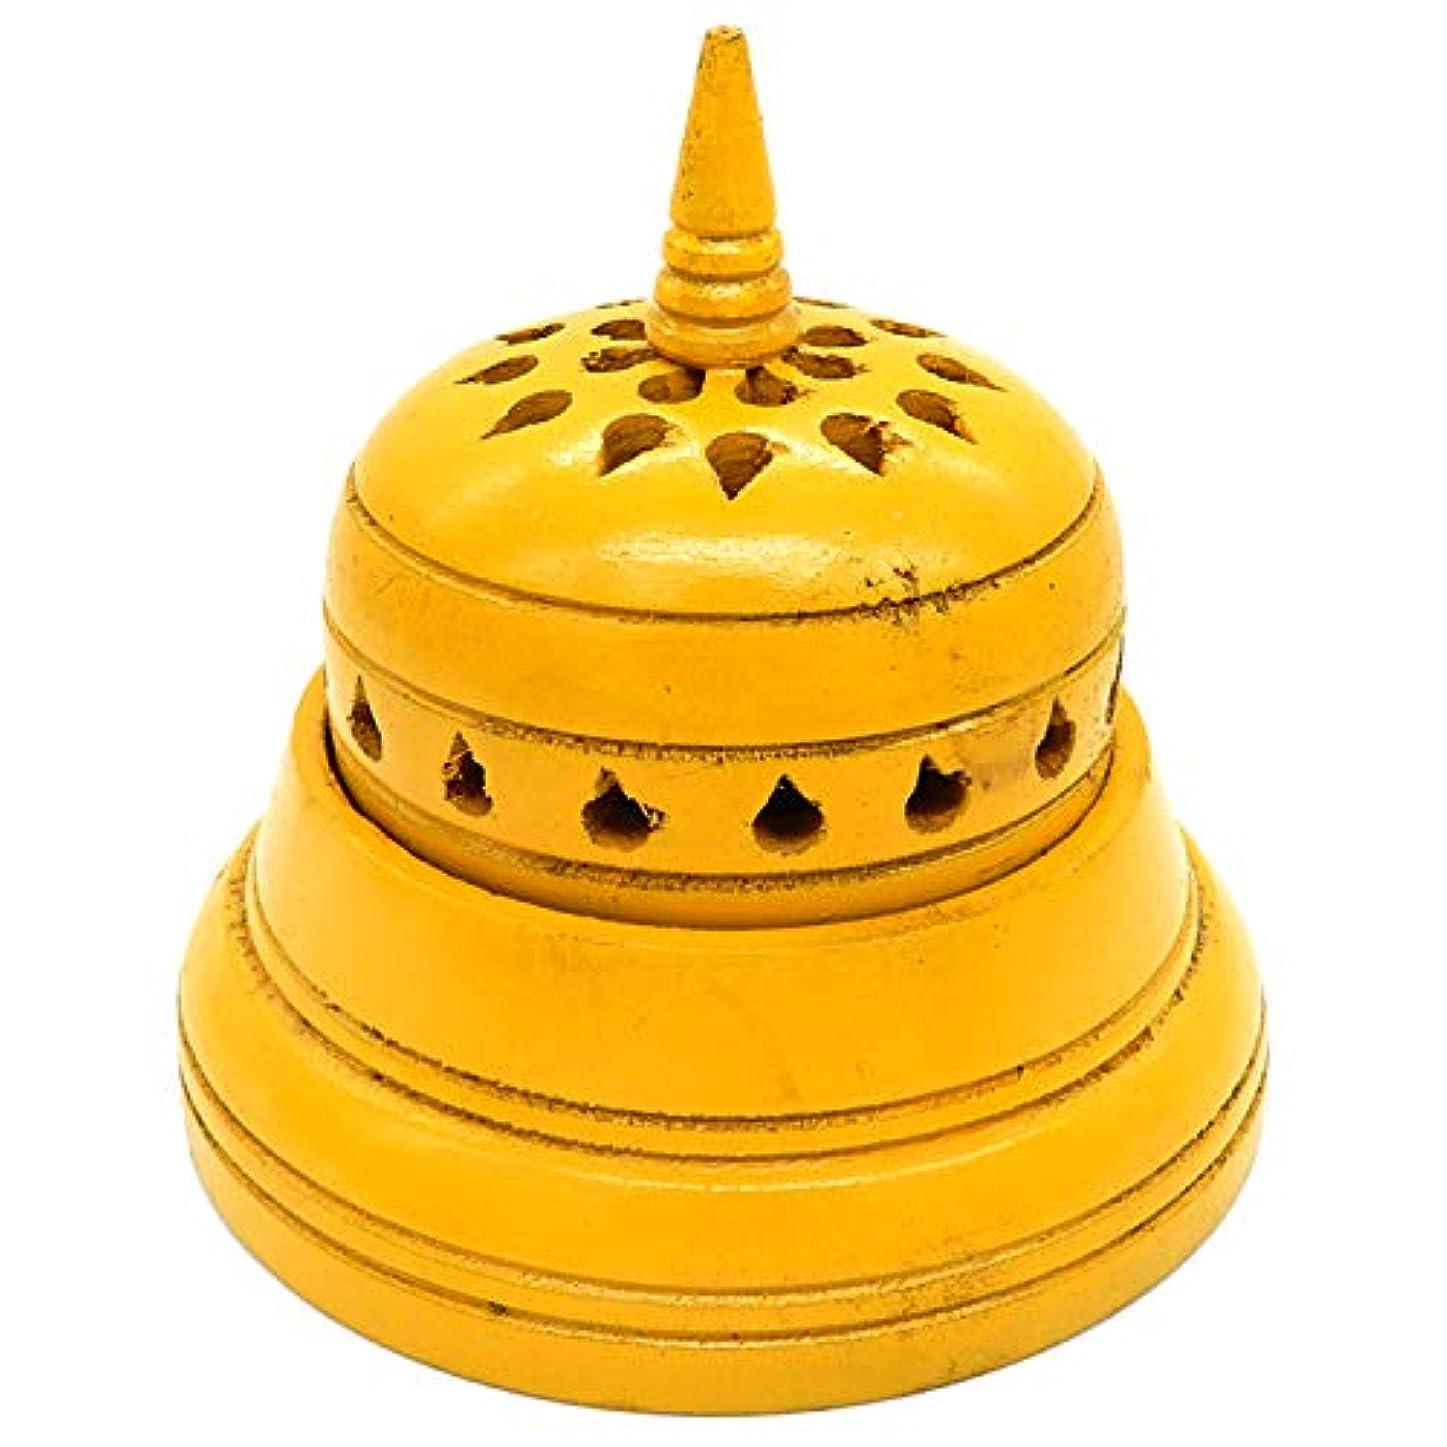 バレエミュウミュウ舗装WhopperIndia 4インチのテンプルの形状のお香立て。 アロマセラピー、ゼン、スパ、ヴァストゥ、レイキチャクラセッティングに最適なギフト。